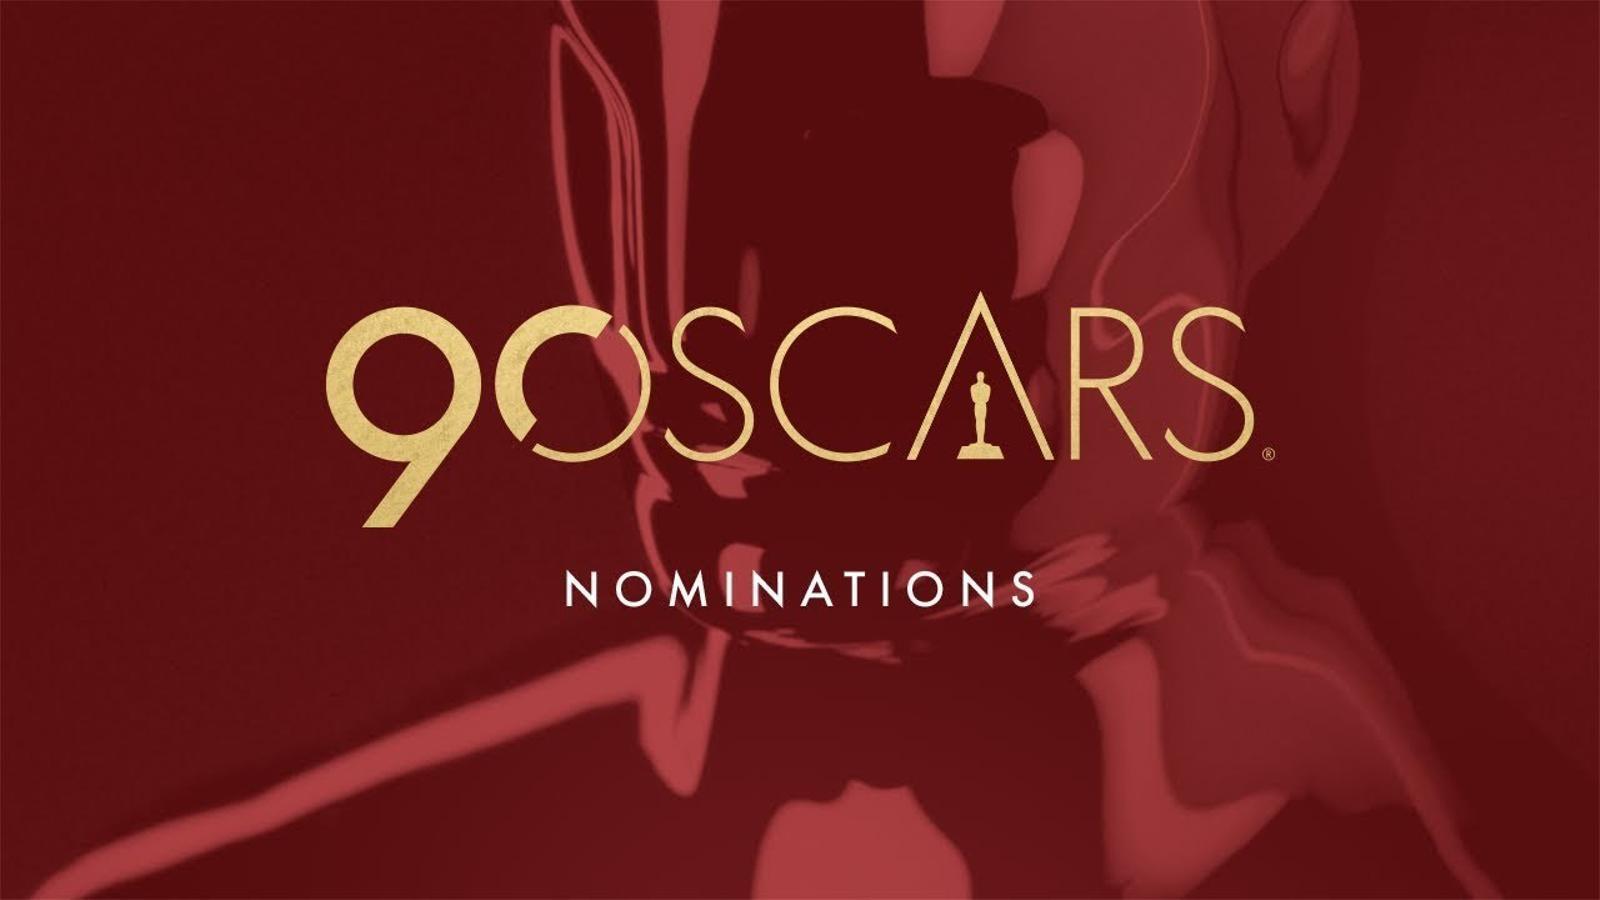 Les nominacions als Oscars del 2018, en directe